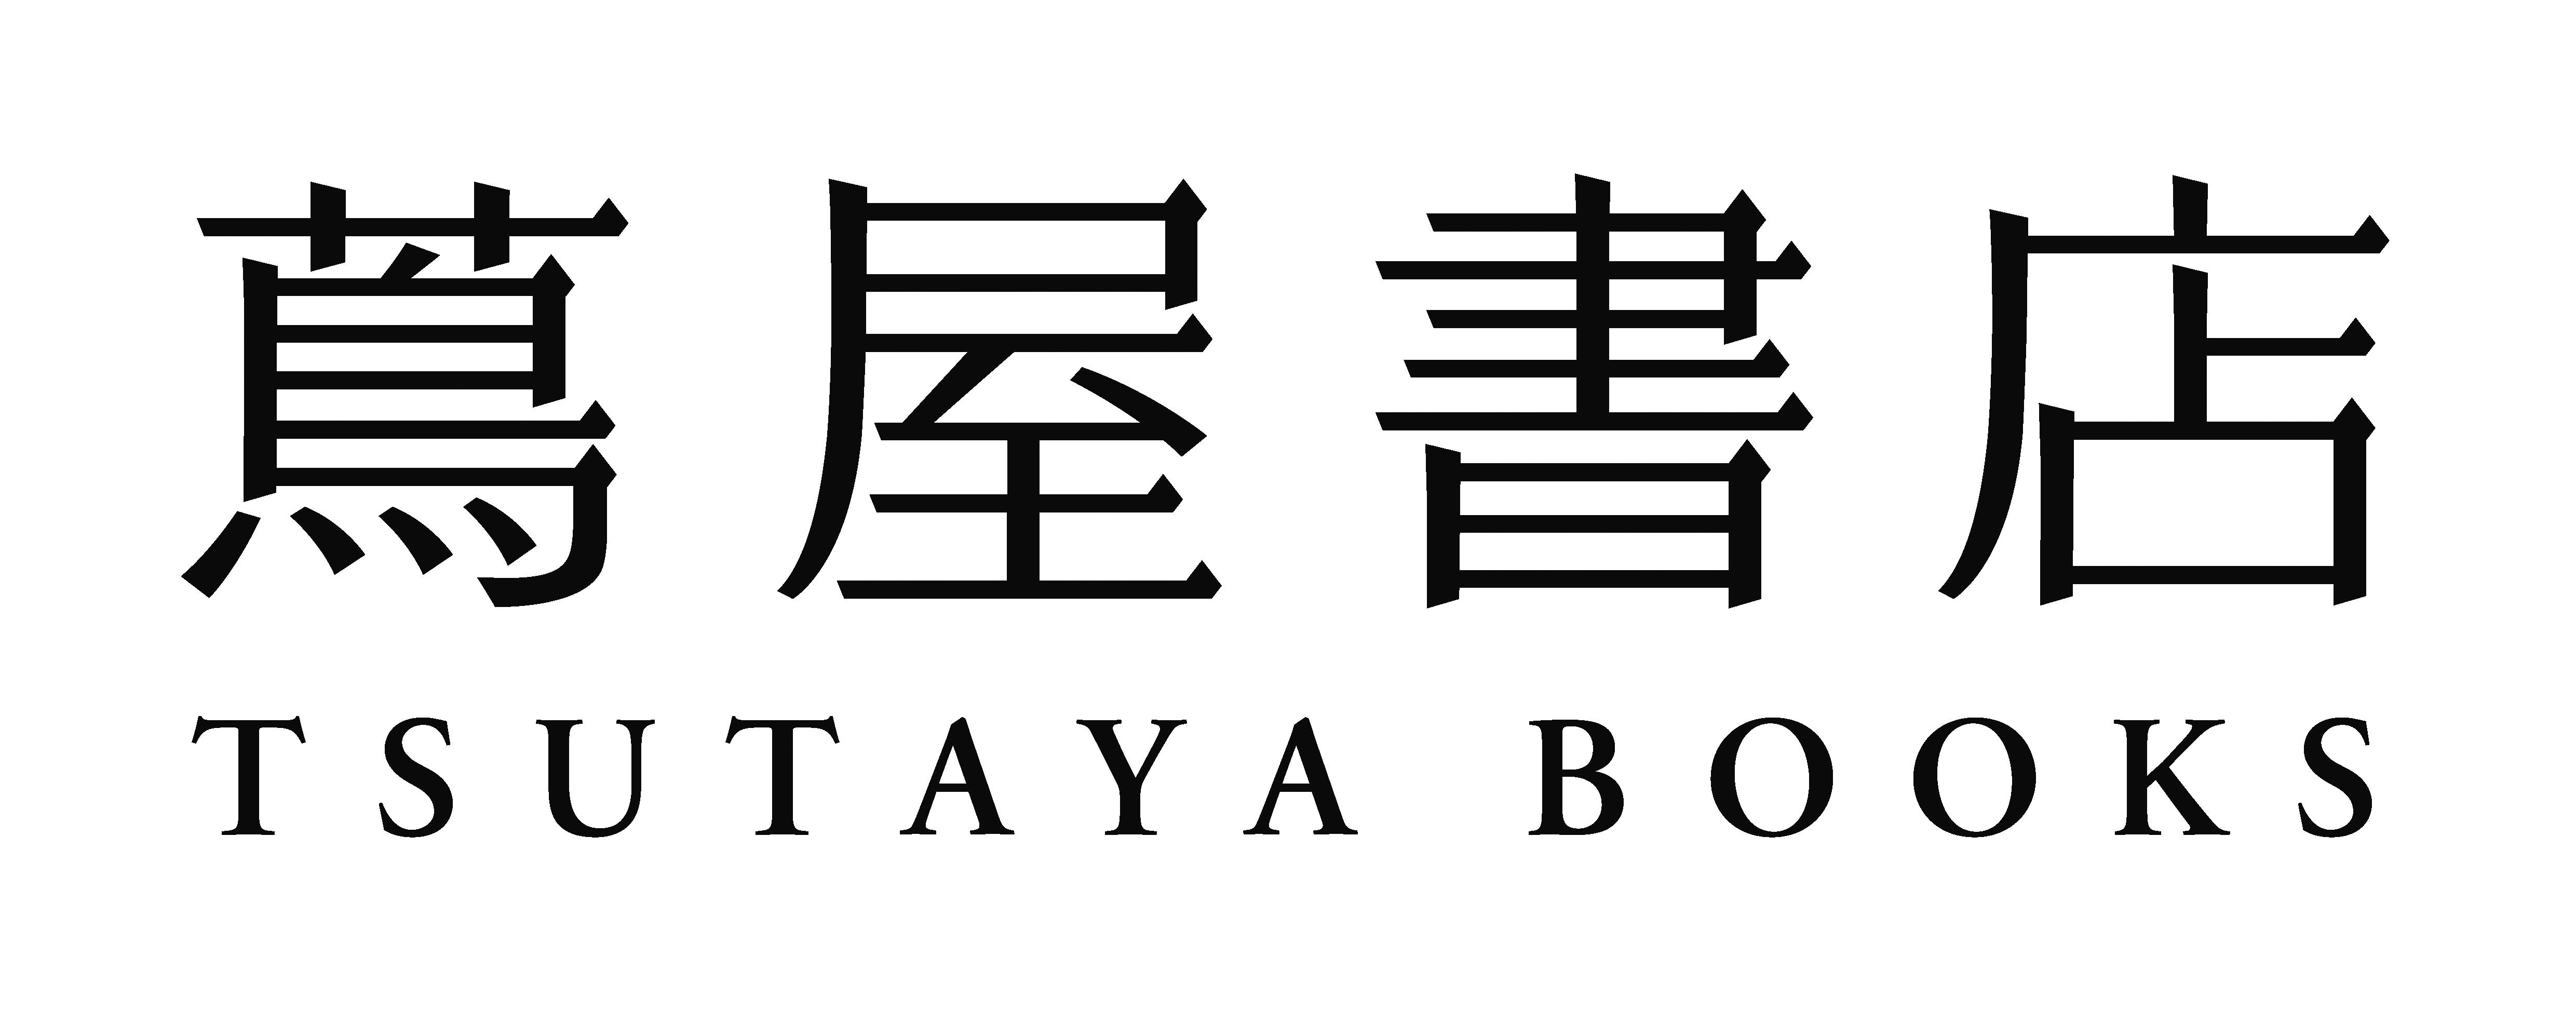 茑屋投资(上海)有限公司咖啡店餐饮企划担当(飲食企画コンサルタント)日企招聘信息